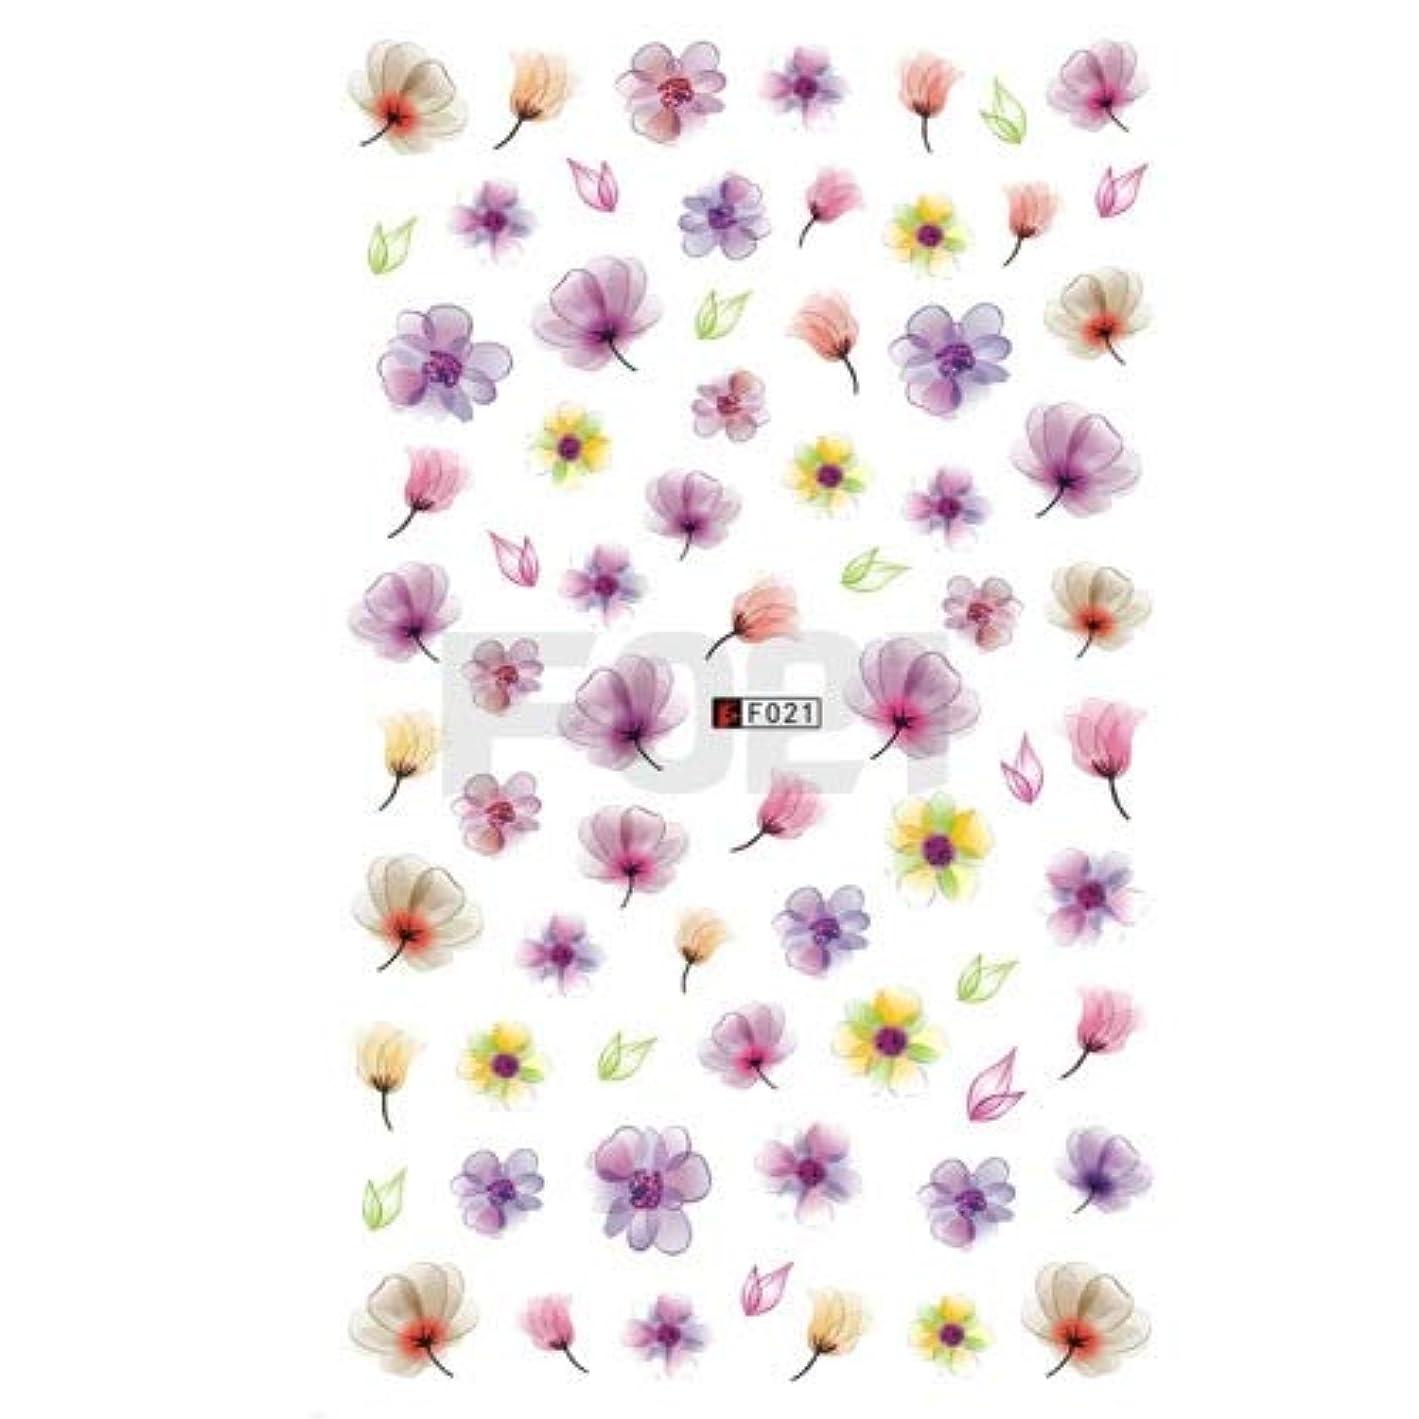 自動コーデリア煙突ビューティー&パーソナルケア 3個の3Dネイルステッカー咲く花3Dネイルアートステッカーデカール(F199) ステッカー&デカール (色 : F021)